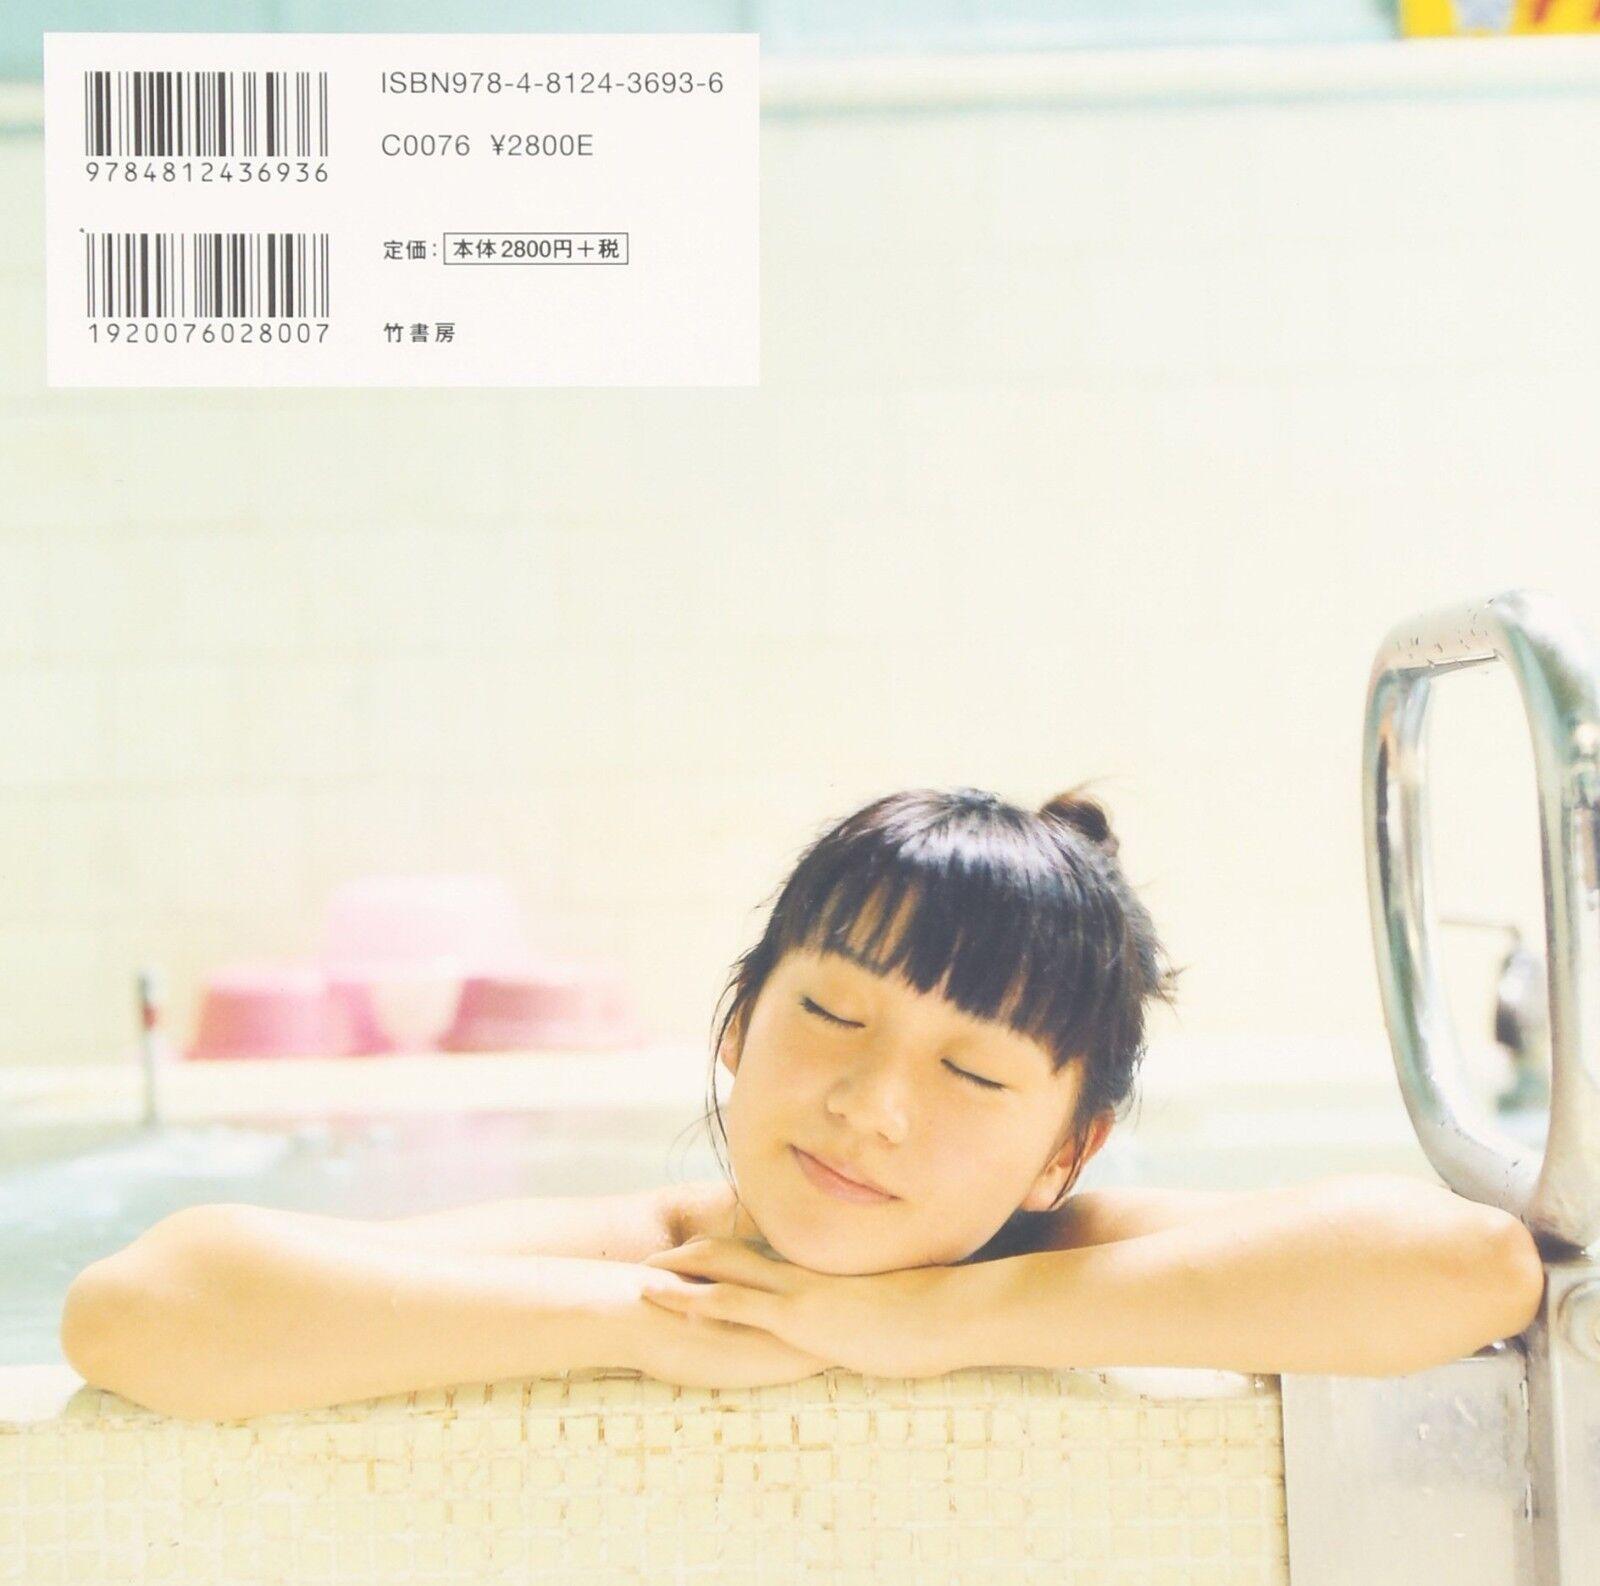 Japanese Shashinshu Glamour Photo Book Yurari YUKO OSHIMA AKB48 2008 Japan